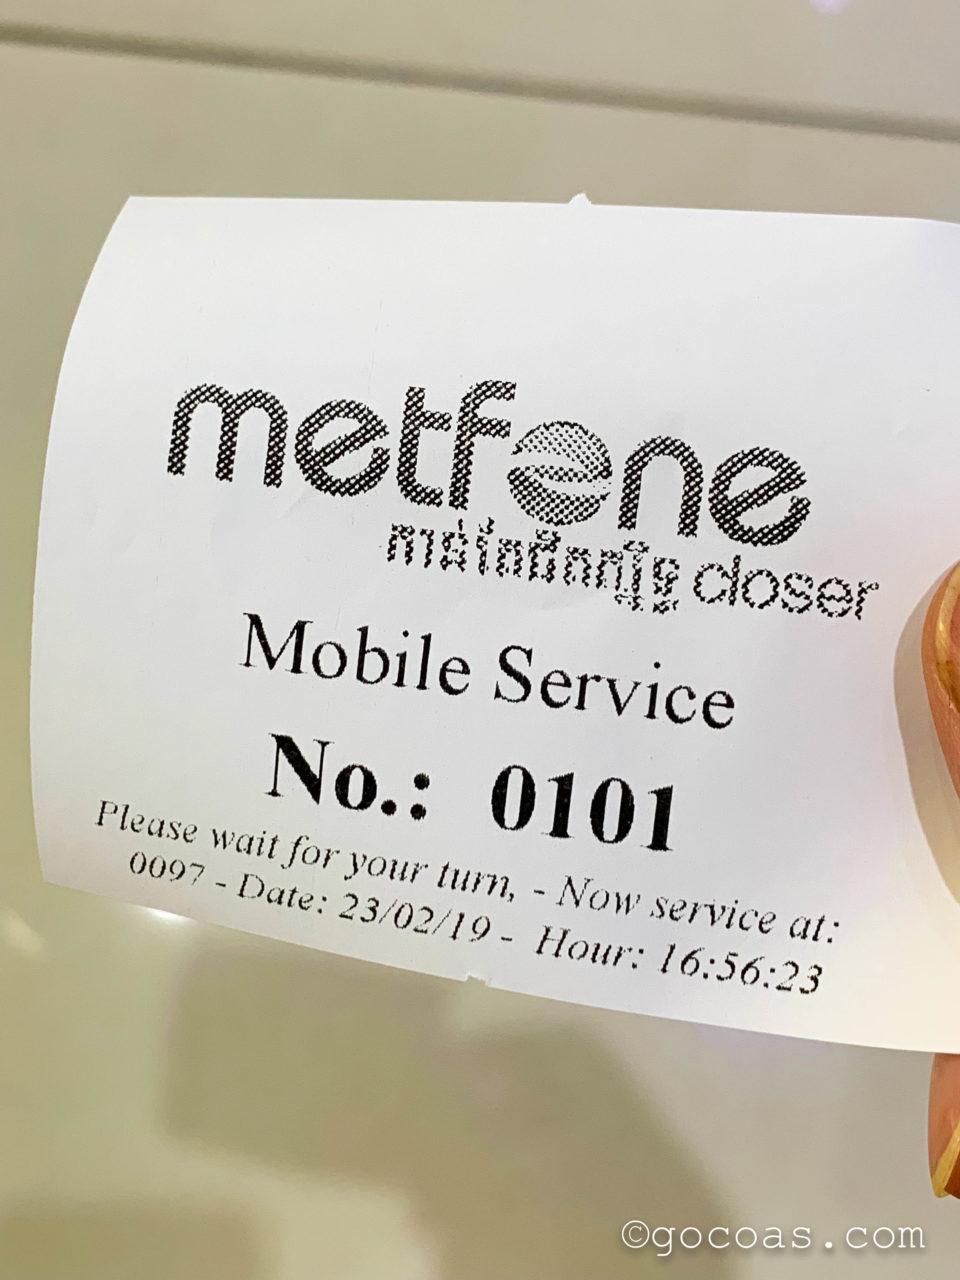 カンボジアのSIMカード会社のmetfoneの受付ナンバー